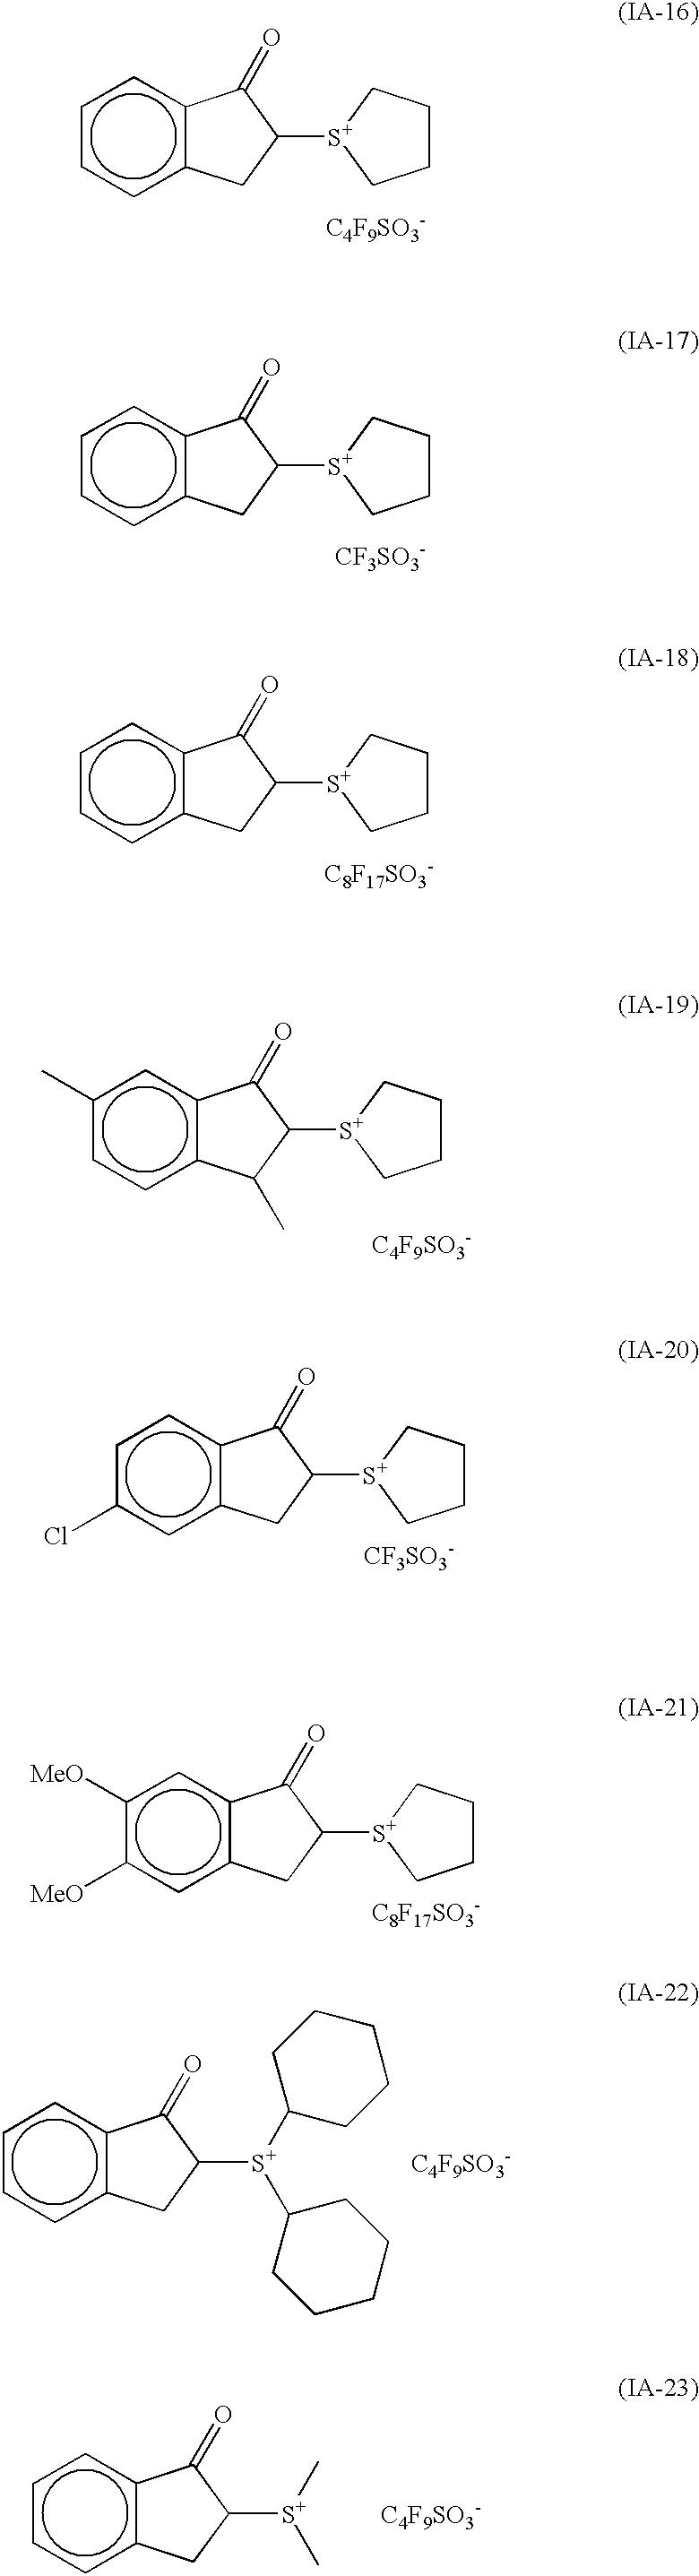 Figure US20030186161A1-20031002-C00022